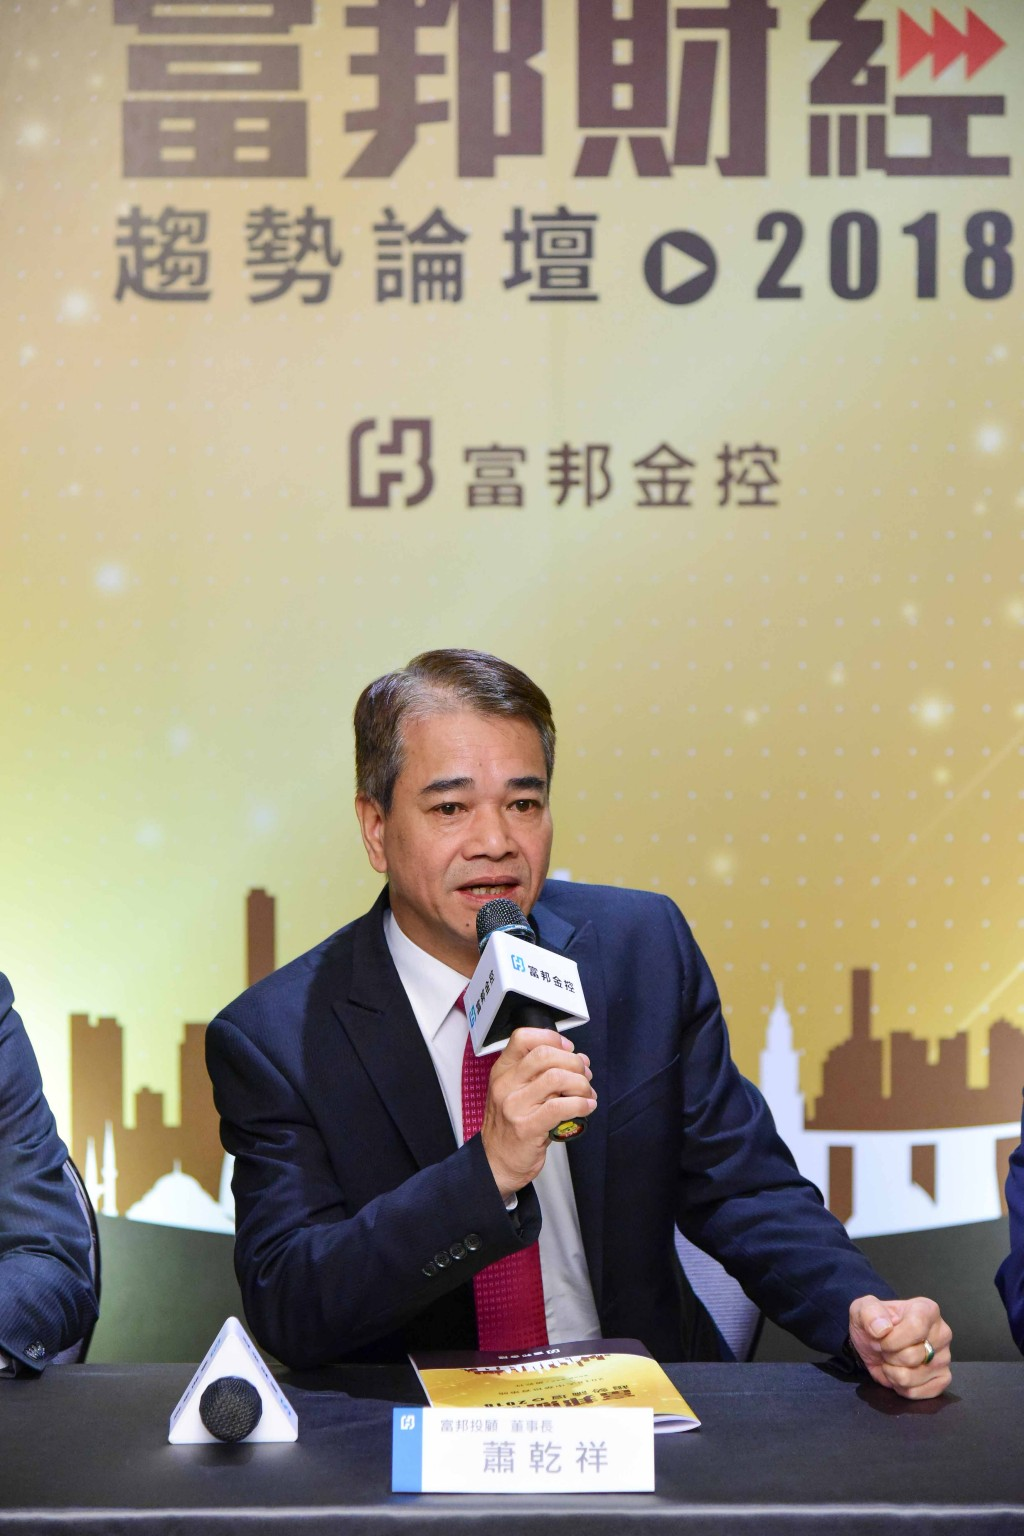 富邦投顧董事長蕭乾祥主講「2018下半年大中華投資策略」,深入剖析下半年股市投資方向〈富邦金控提供〉